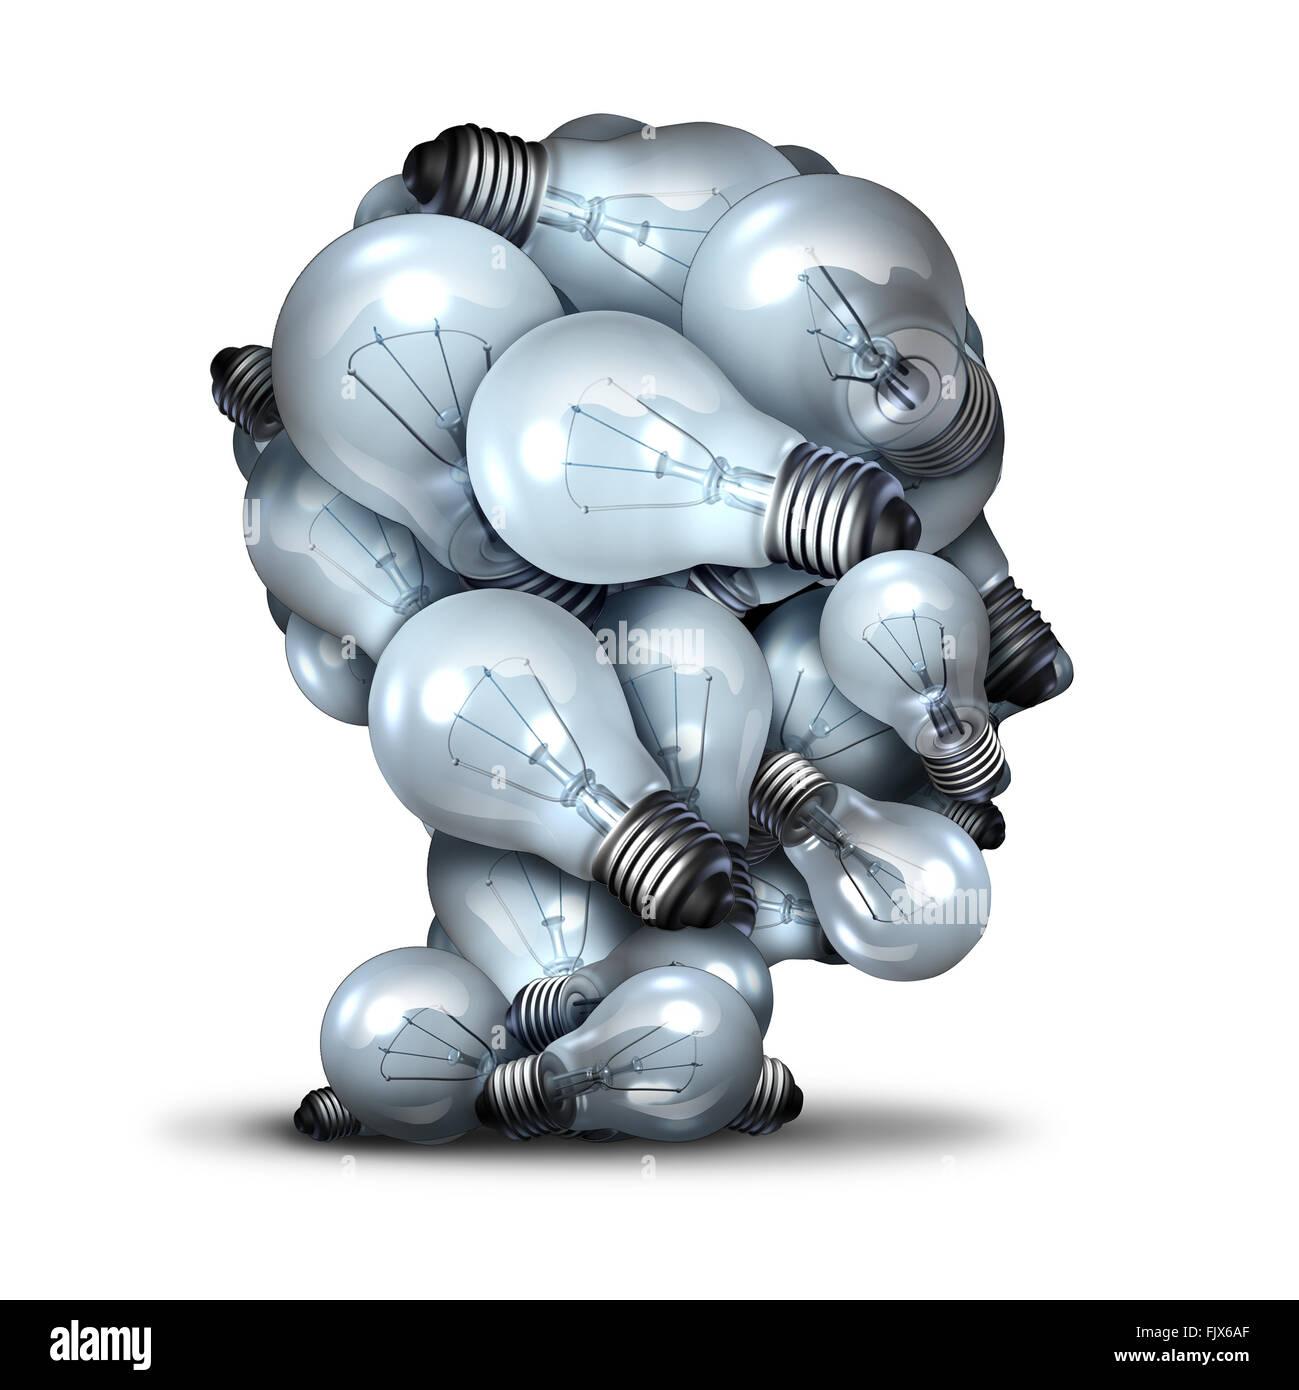 Tête d'ampoule de la créativité et de la puissance de l'imagination comme un groupe d'ampoules Photo Stock